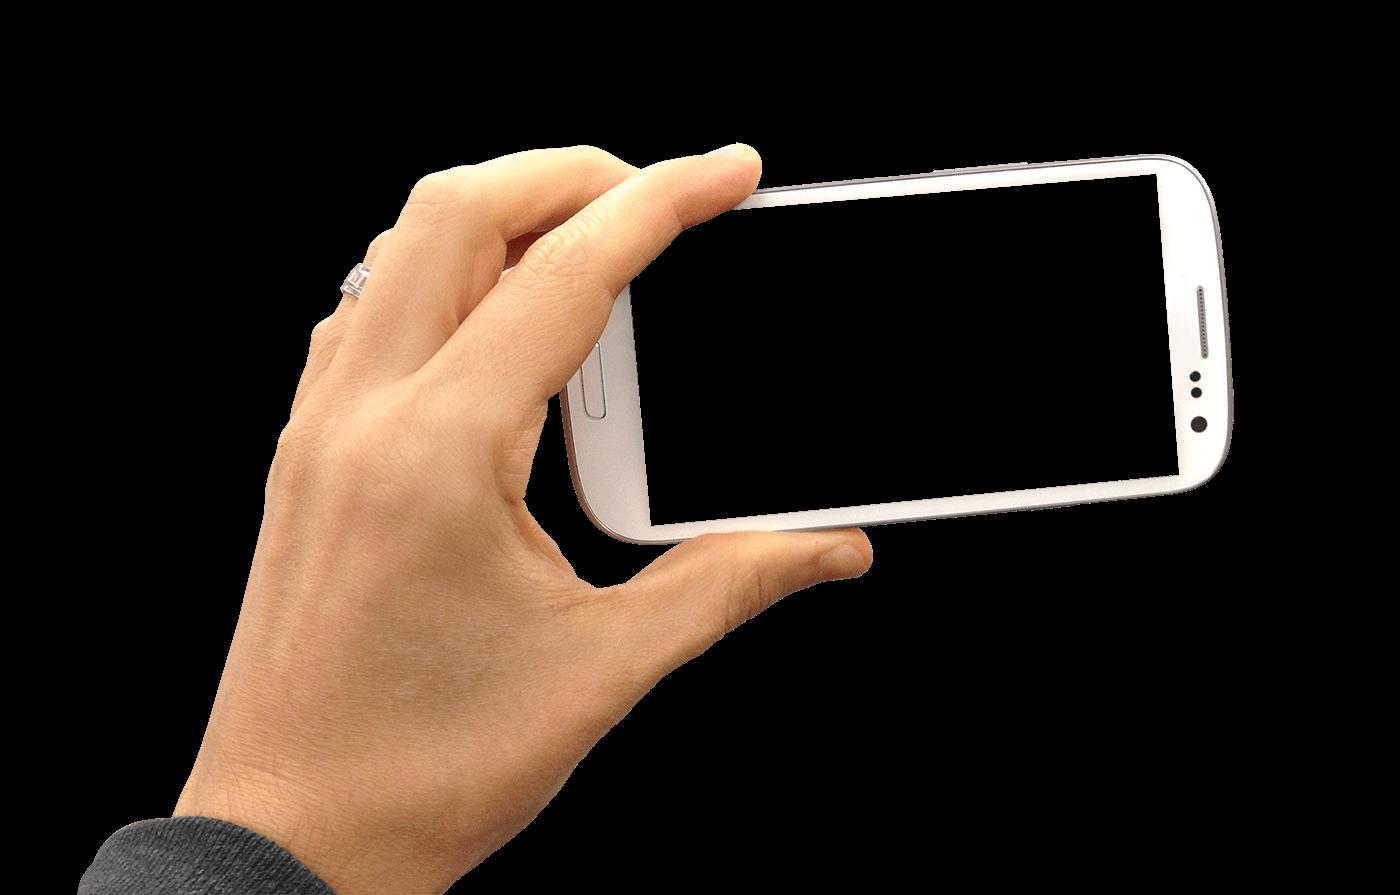 hand holding smartphone landscape transparent png stickpng. Black Bedroom Furniture Sets. Home Design Ideas